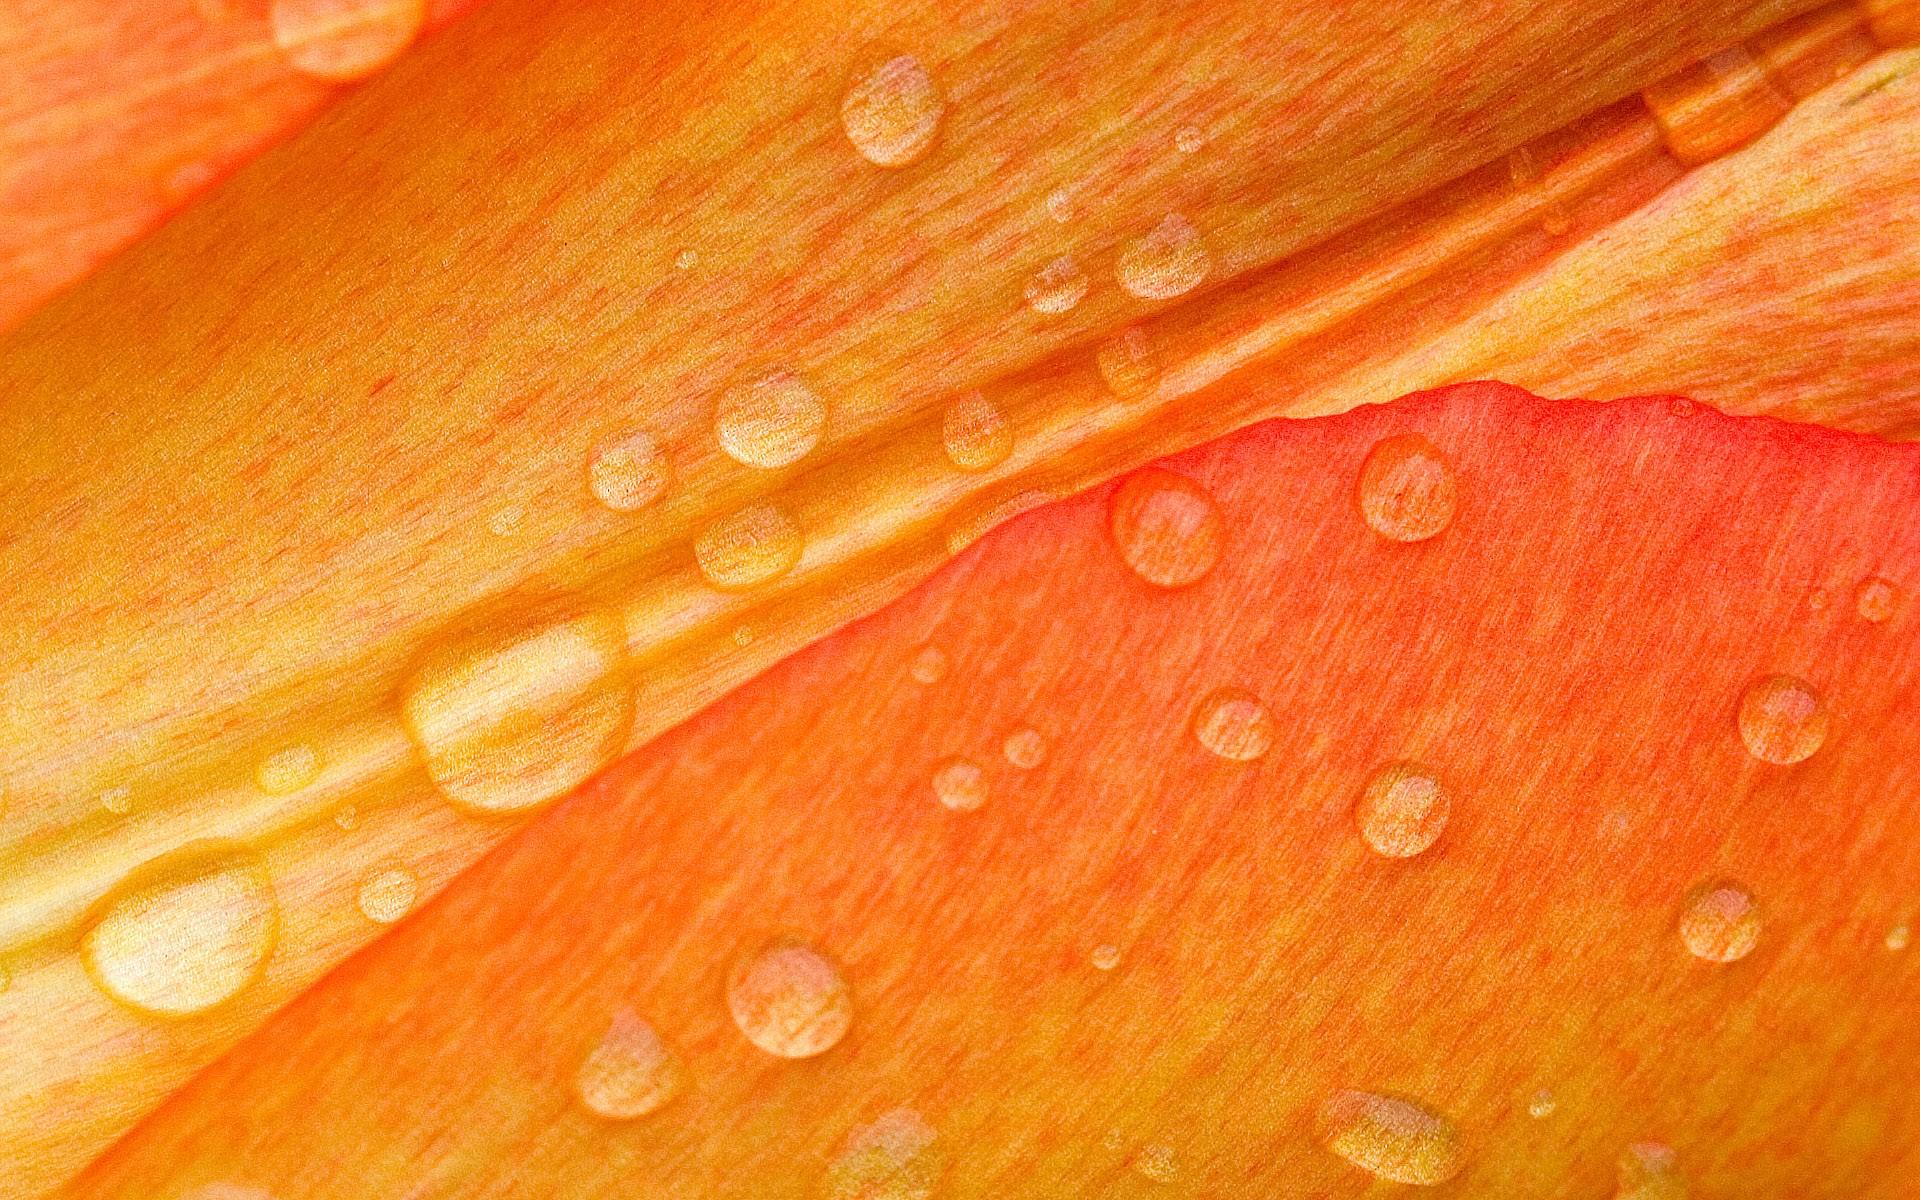 Textura naranja - 1920x1200